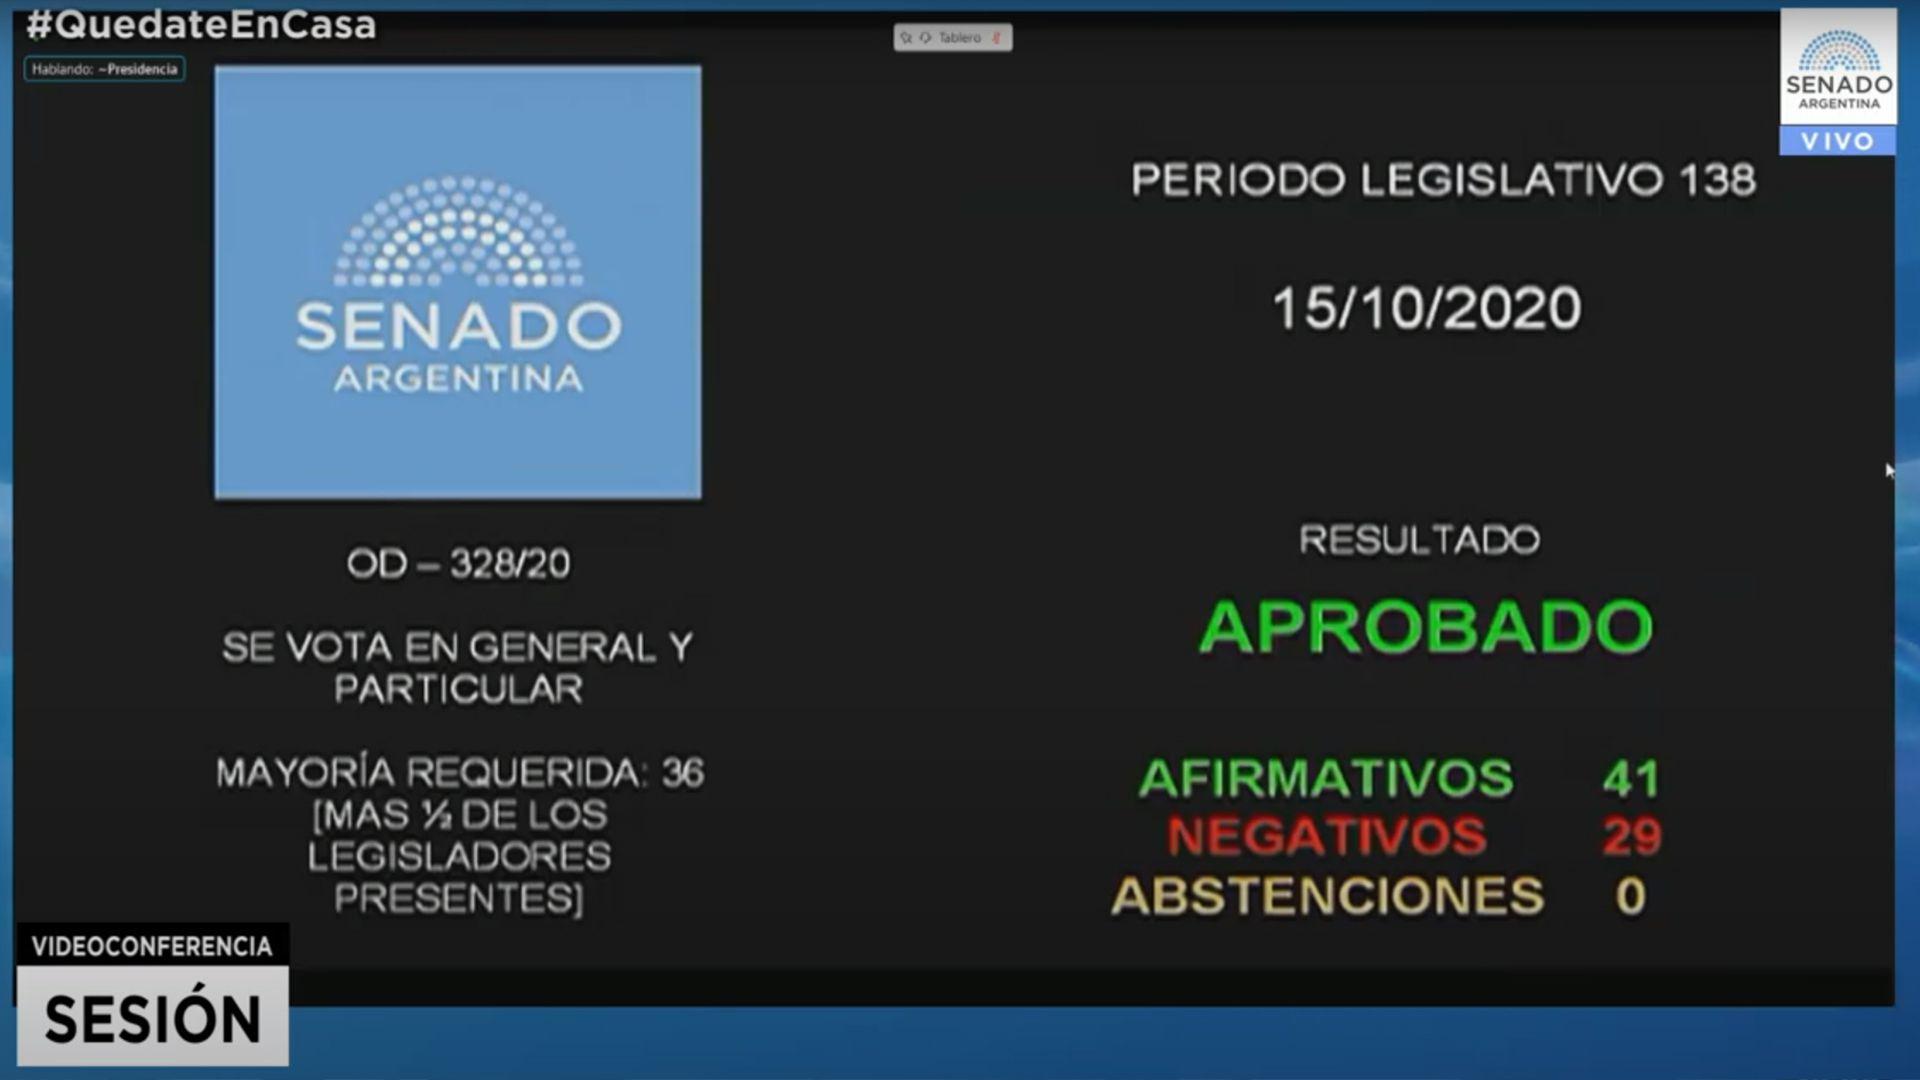 votacion senado tablero 15-10